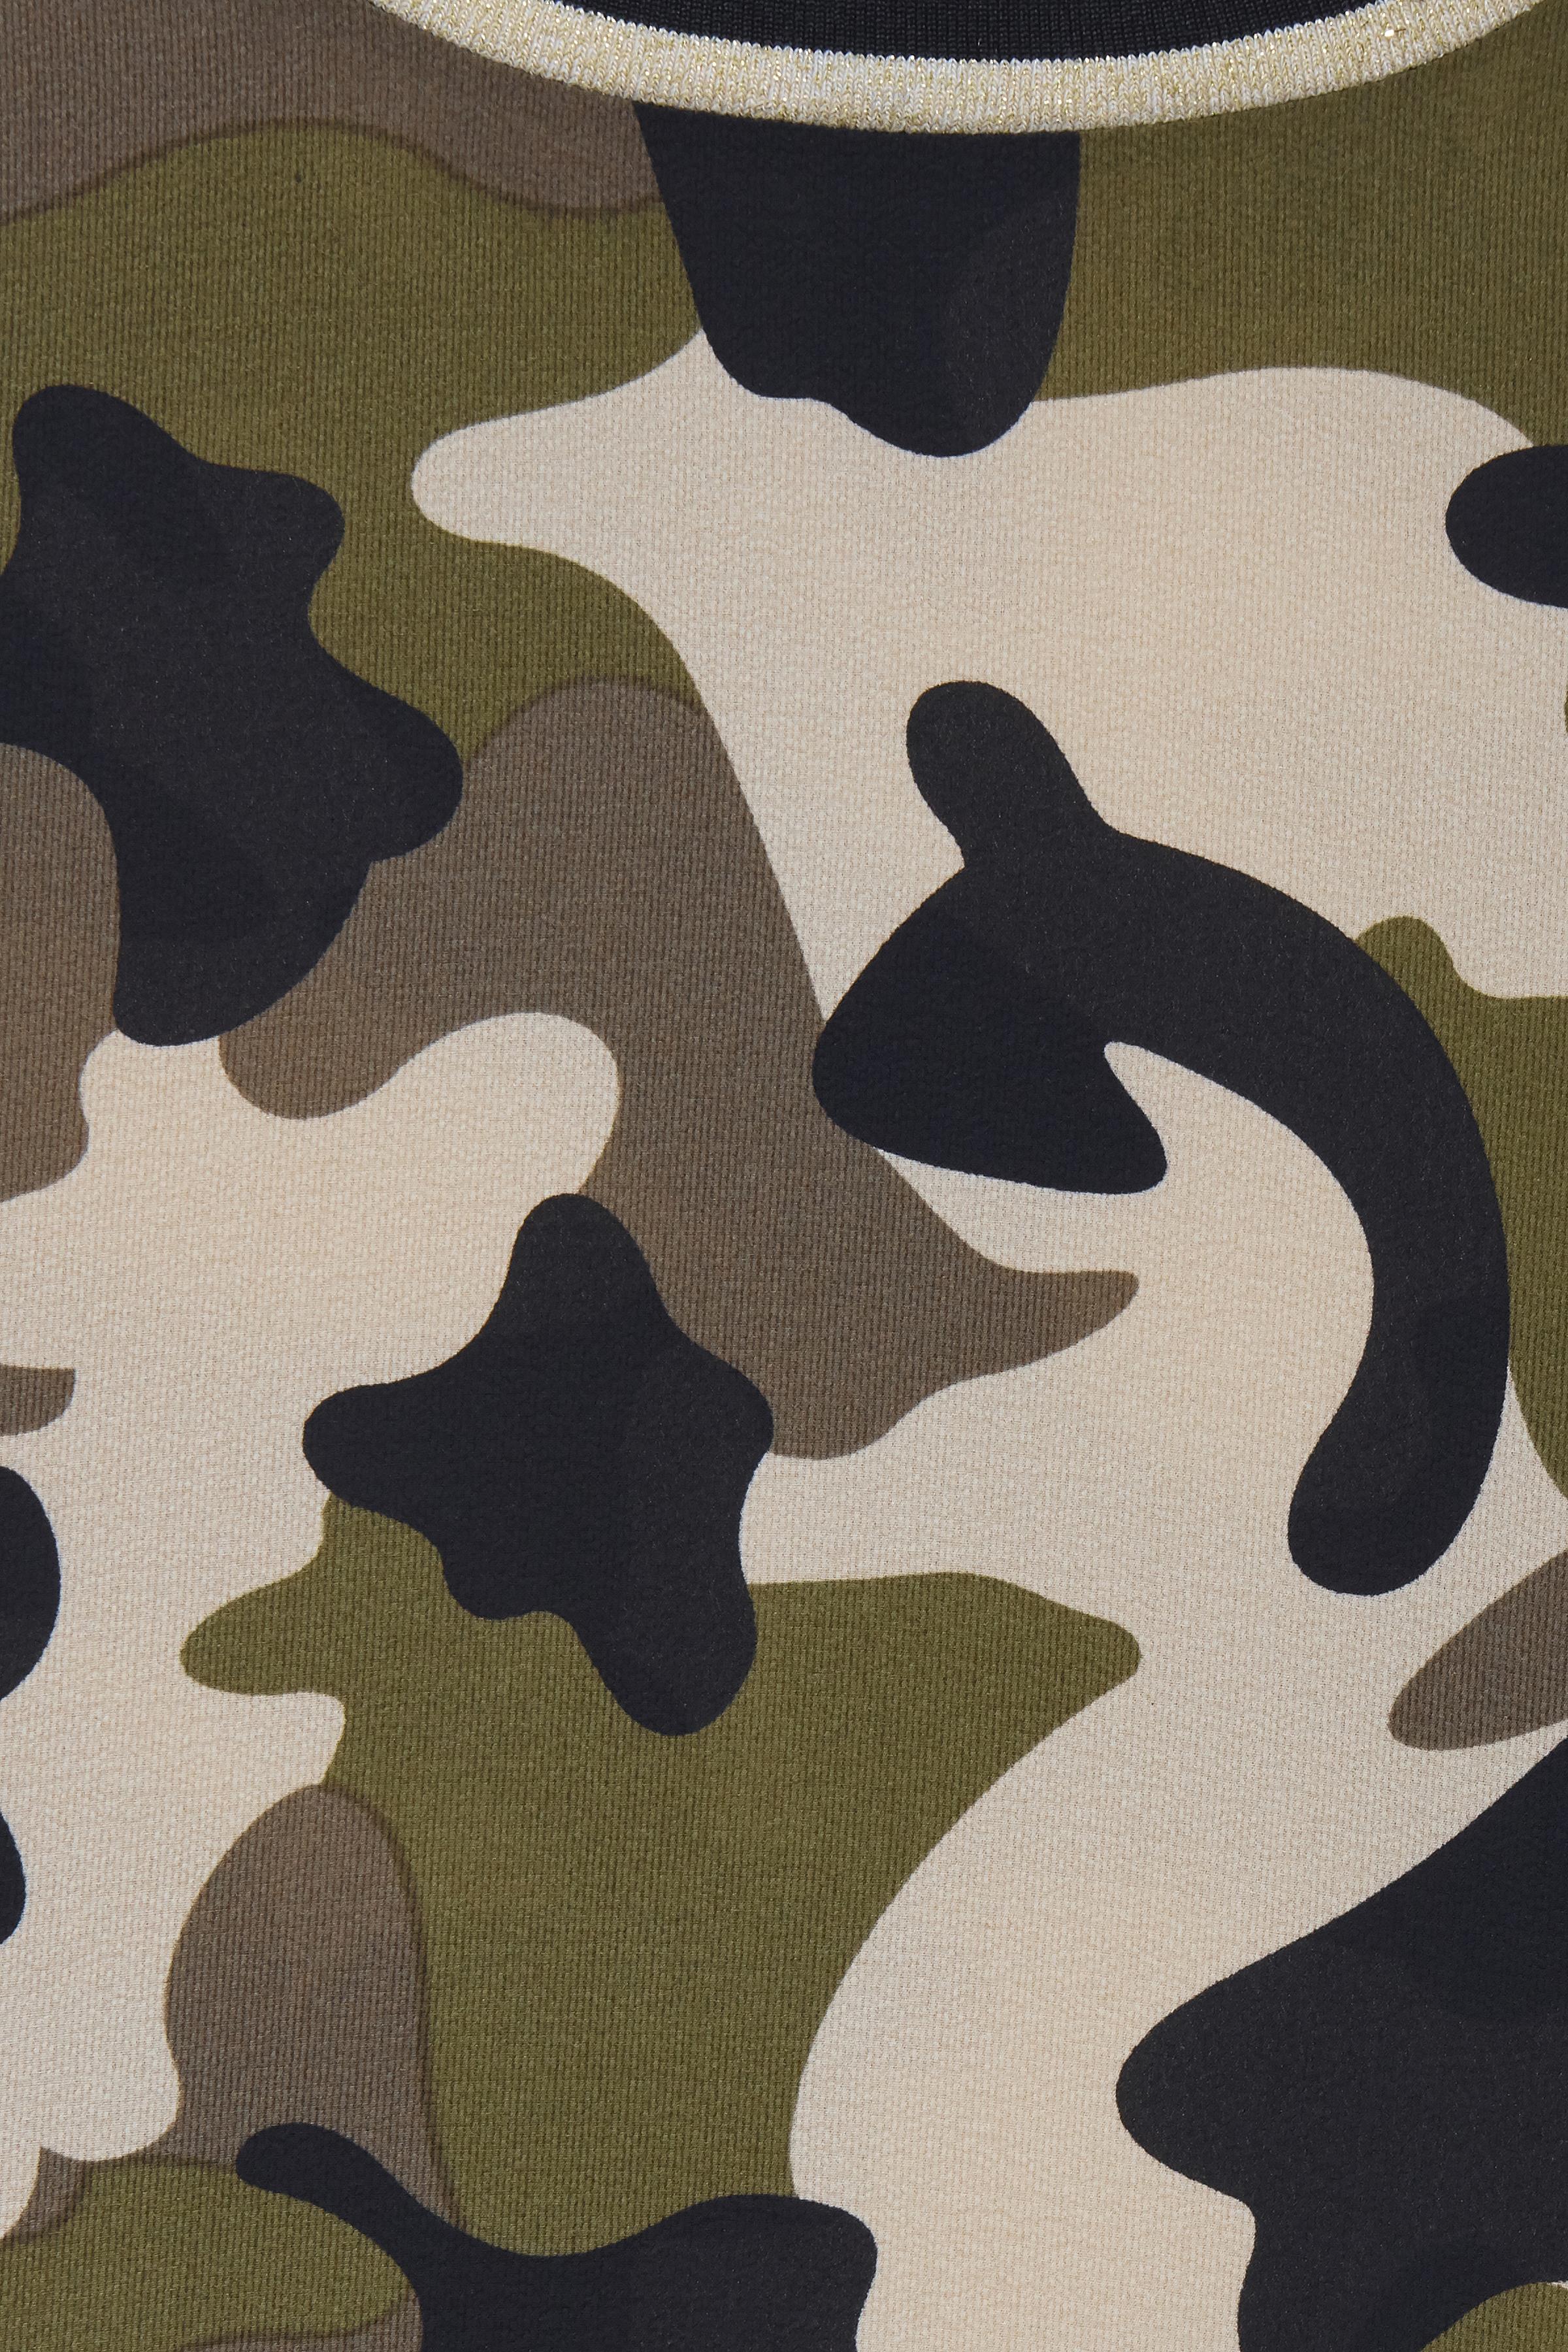 Camo combi 1 Långärmad blus från b.young – Köp Camo combi 1 Långärmad blus från storlek 36-44 här